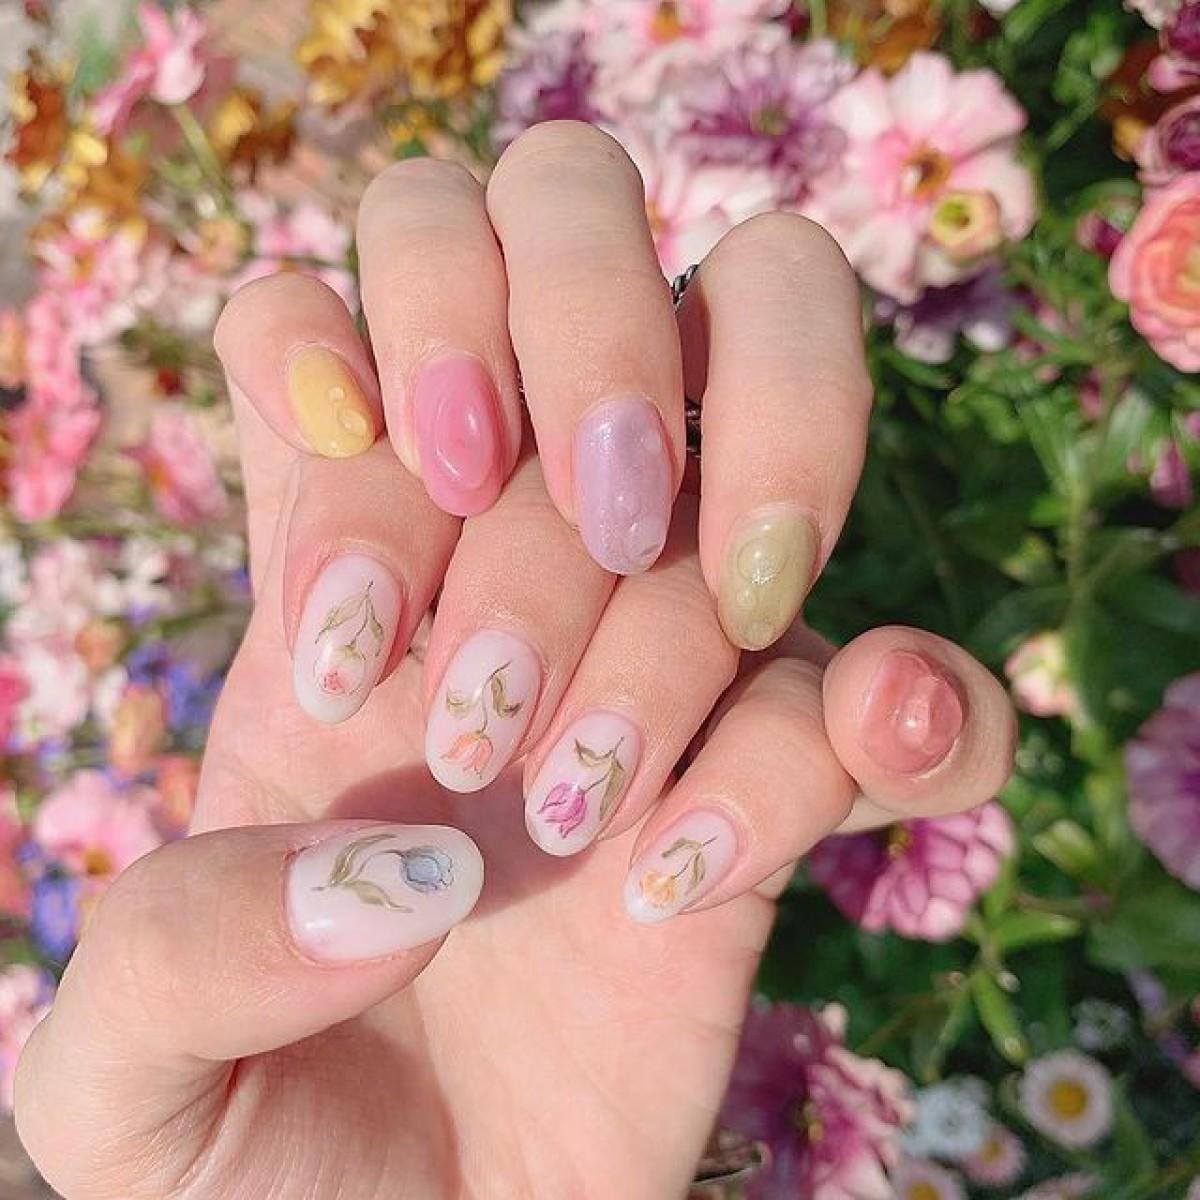 指先に咲く小さな春♡ロマンチックな季節は5つの春のお花ネイルで可愛く彩って